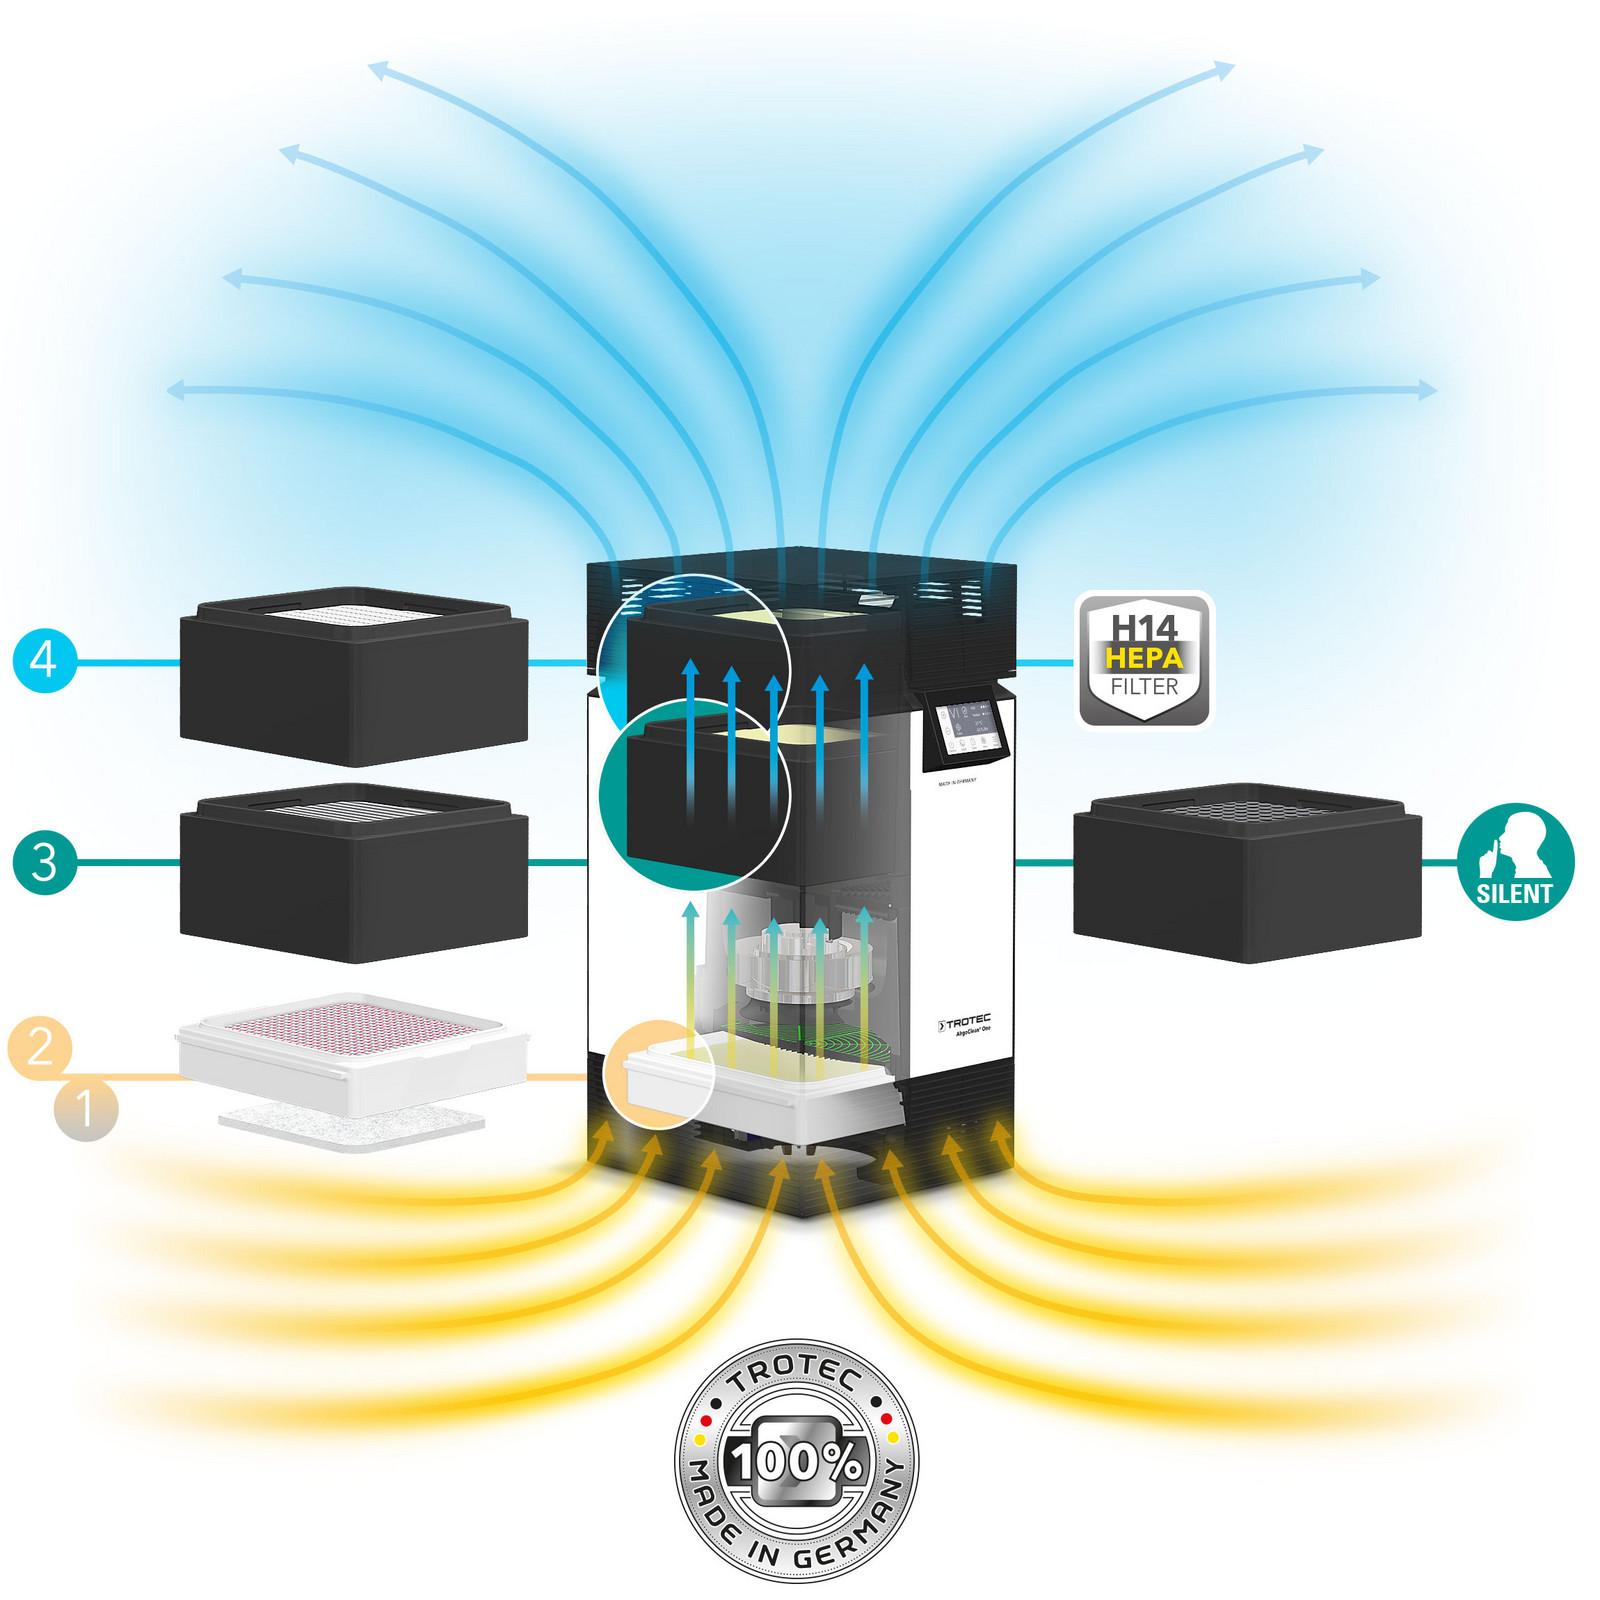 Высокоэффективная очистка воздуха с помощью сертифицированной многоступенчатой системы фильтрации HEPA AirgoClean® One